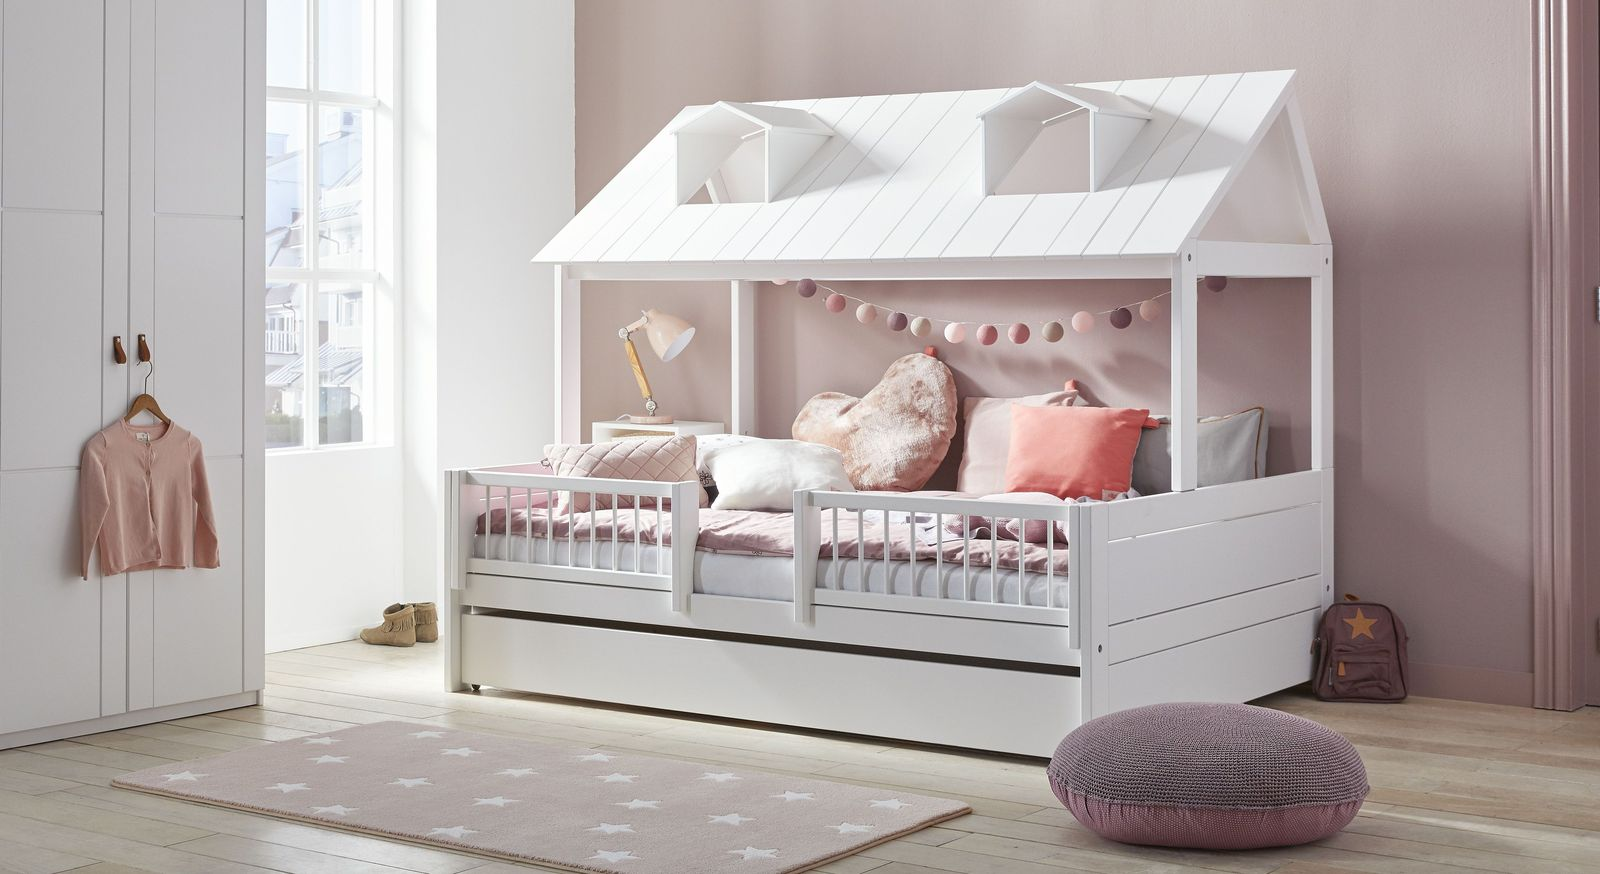 Modernes Kinderbett Ferienhaus von LIFETIME in Weiß